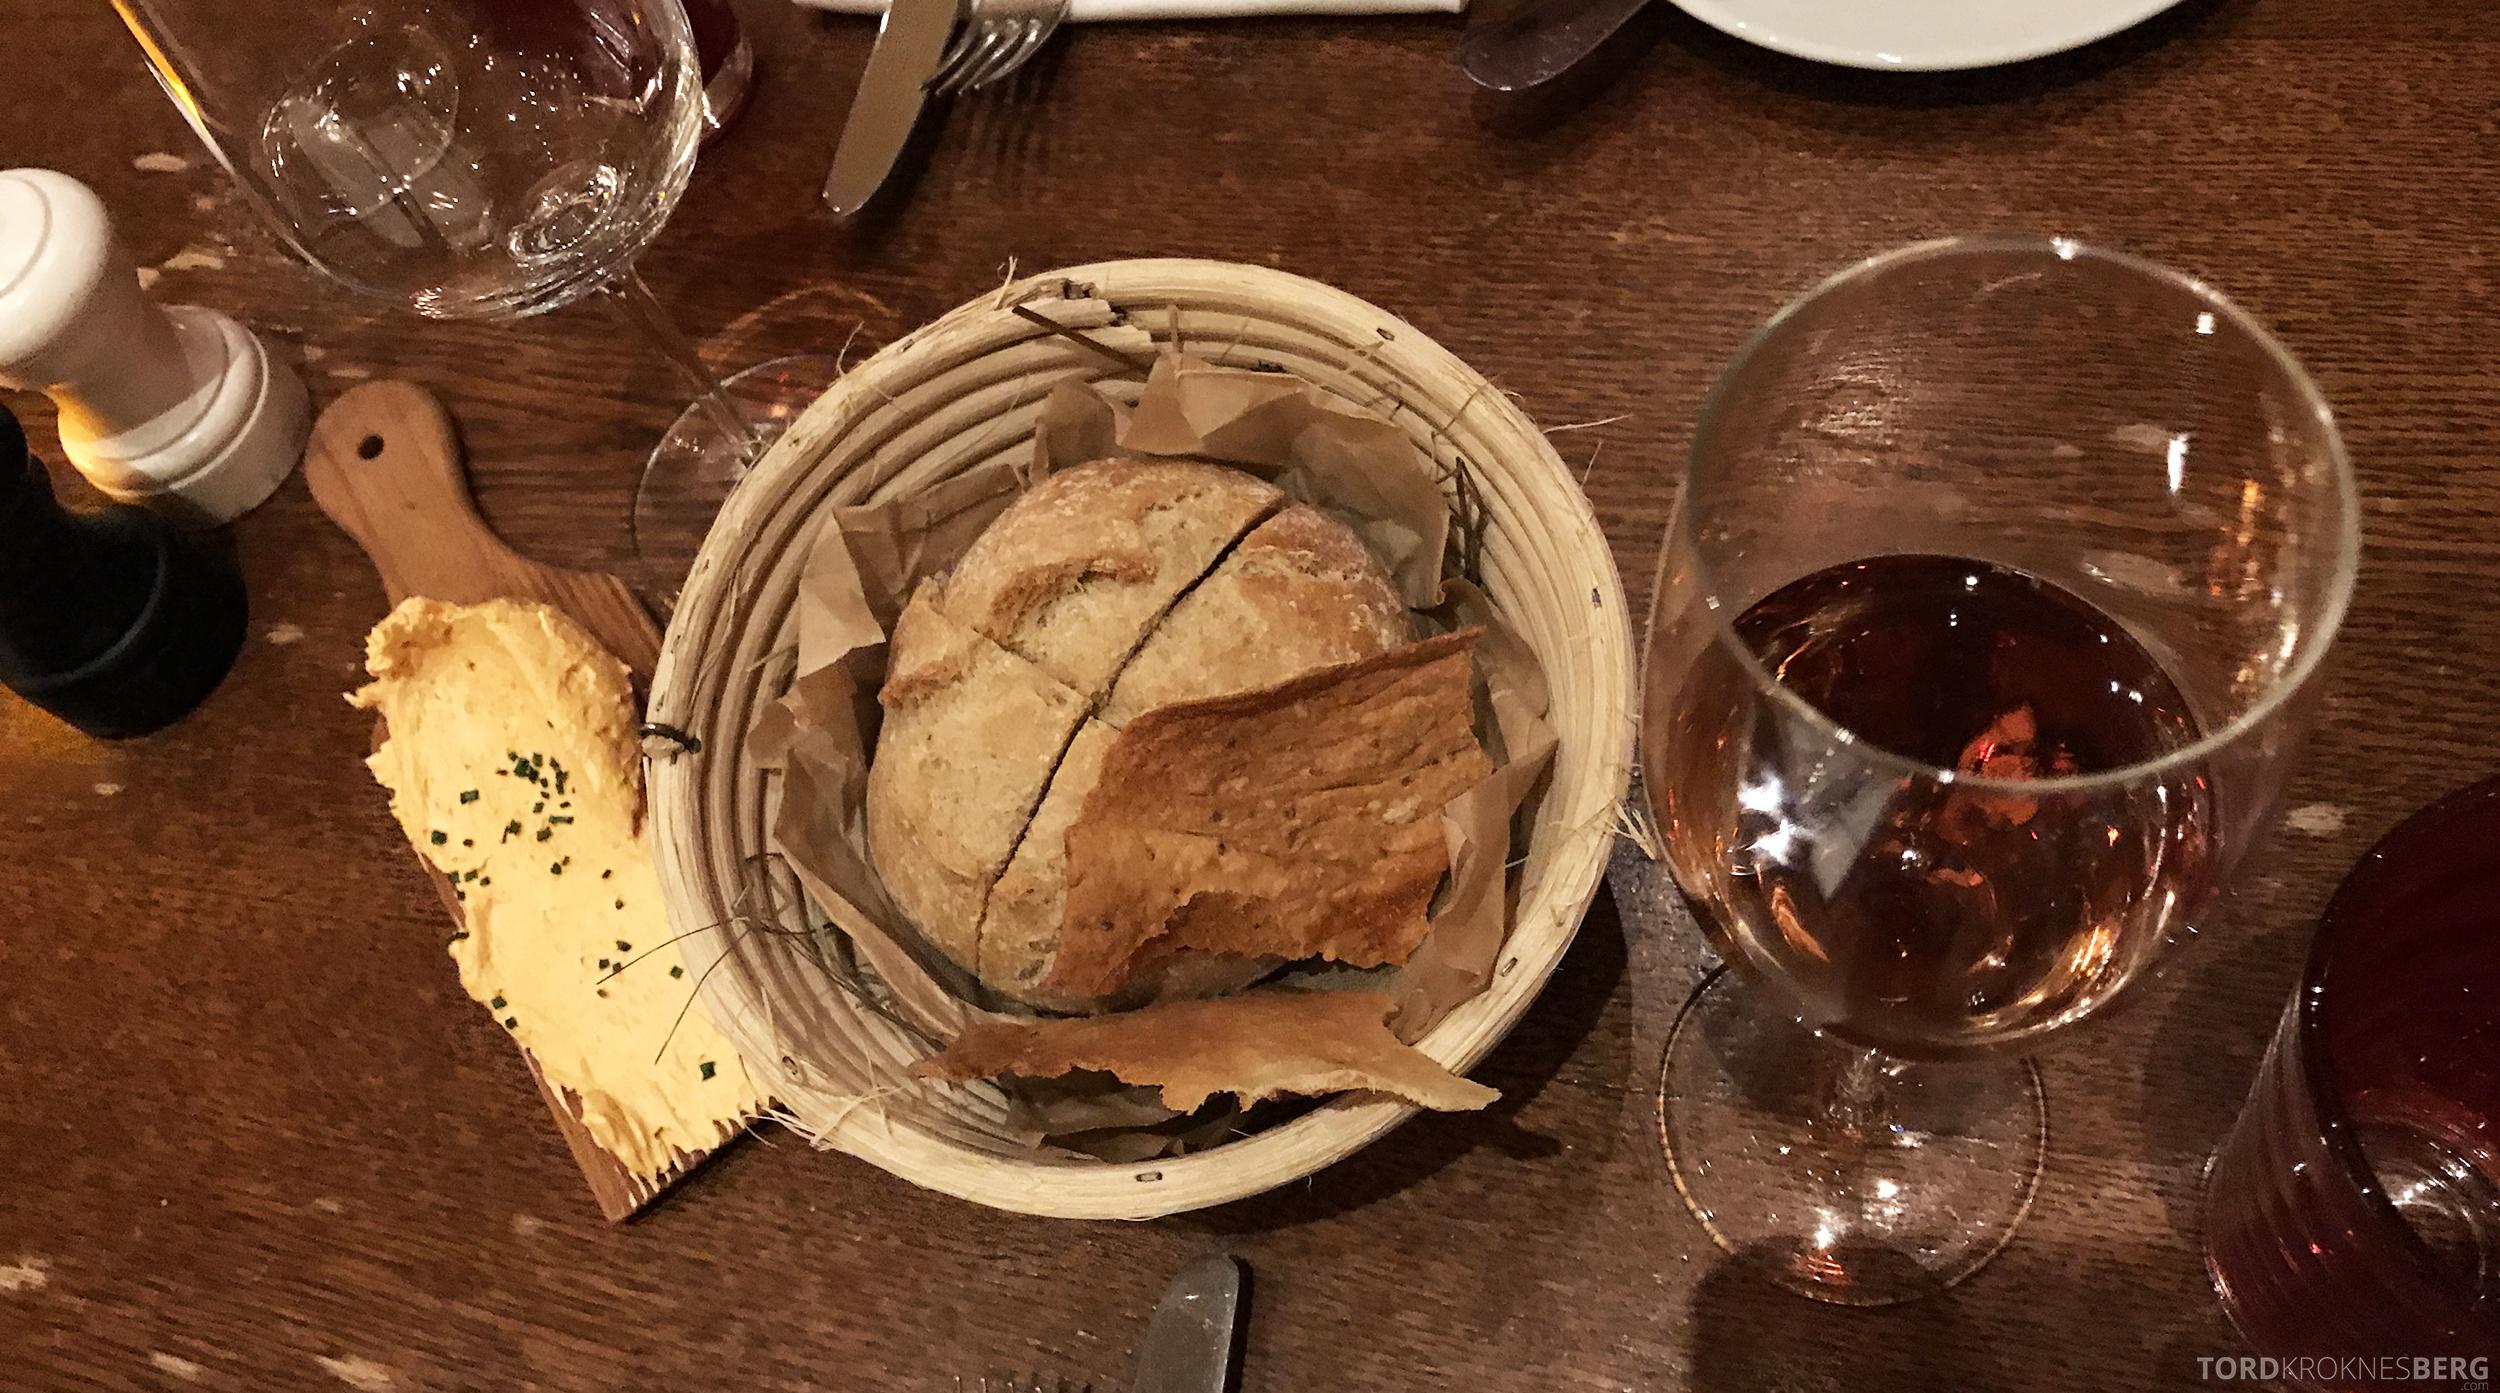 Brasserie Desbrosses Ritz-Carlton Berlin forrett